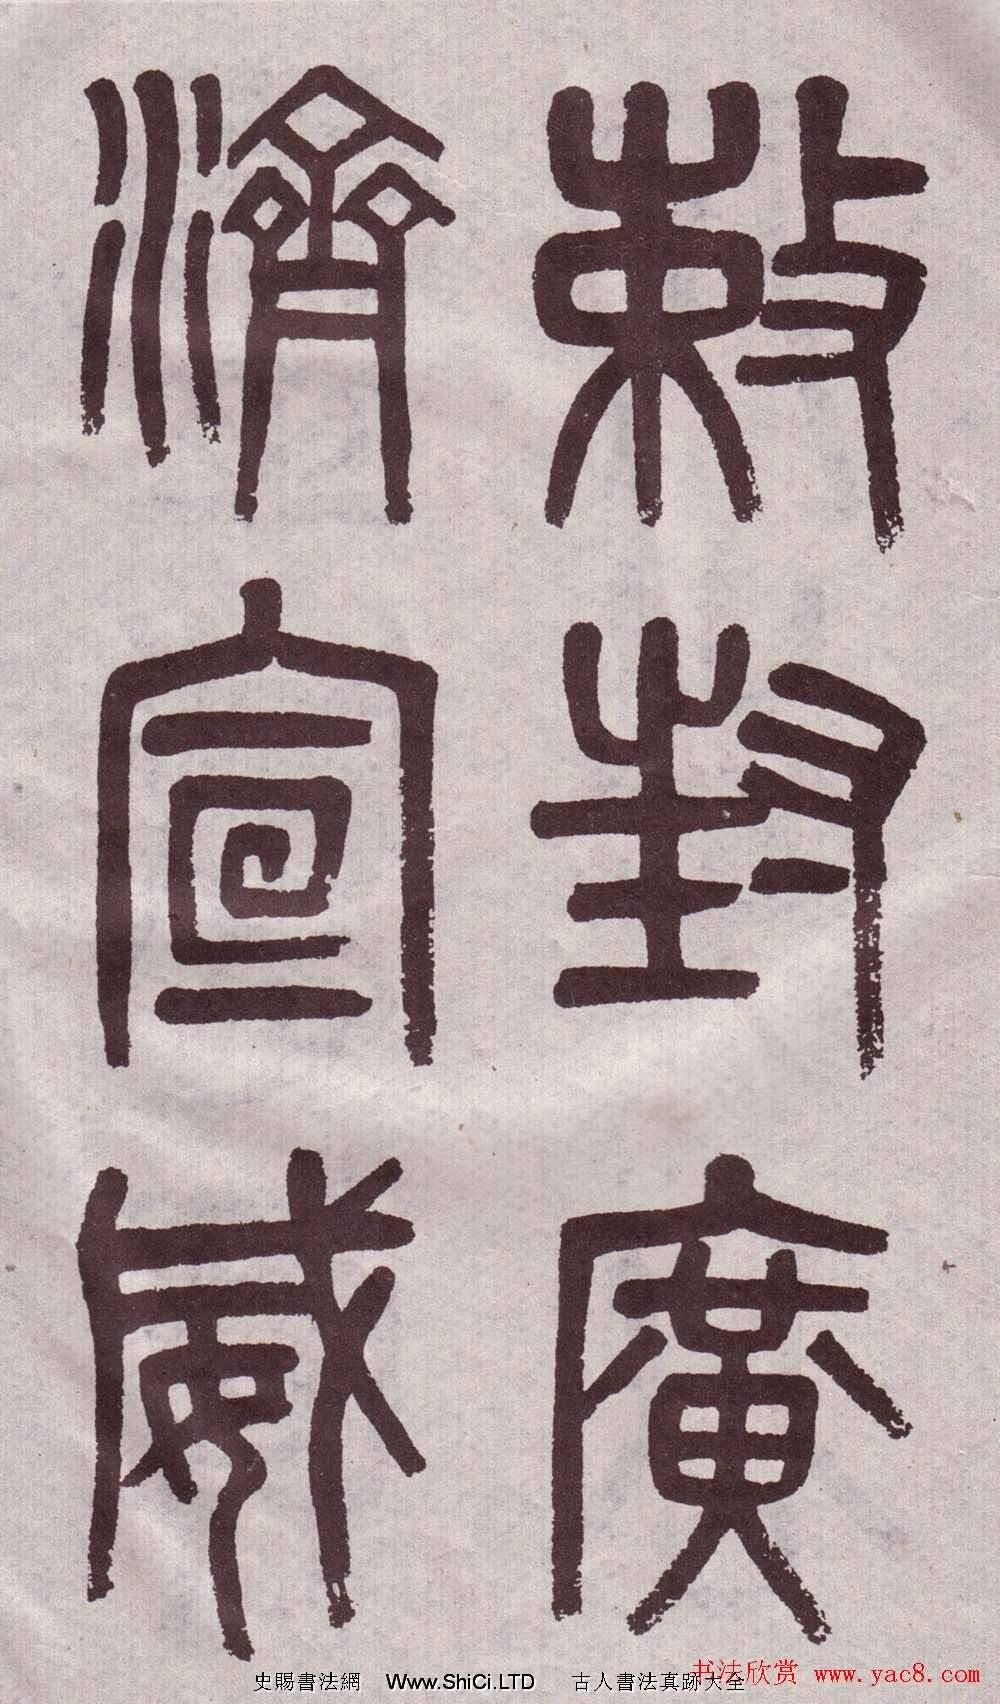 晚清吳大澂篆書真跡欣賞《李公廟碑》(共100張圖片)